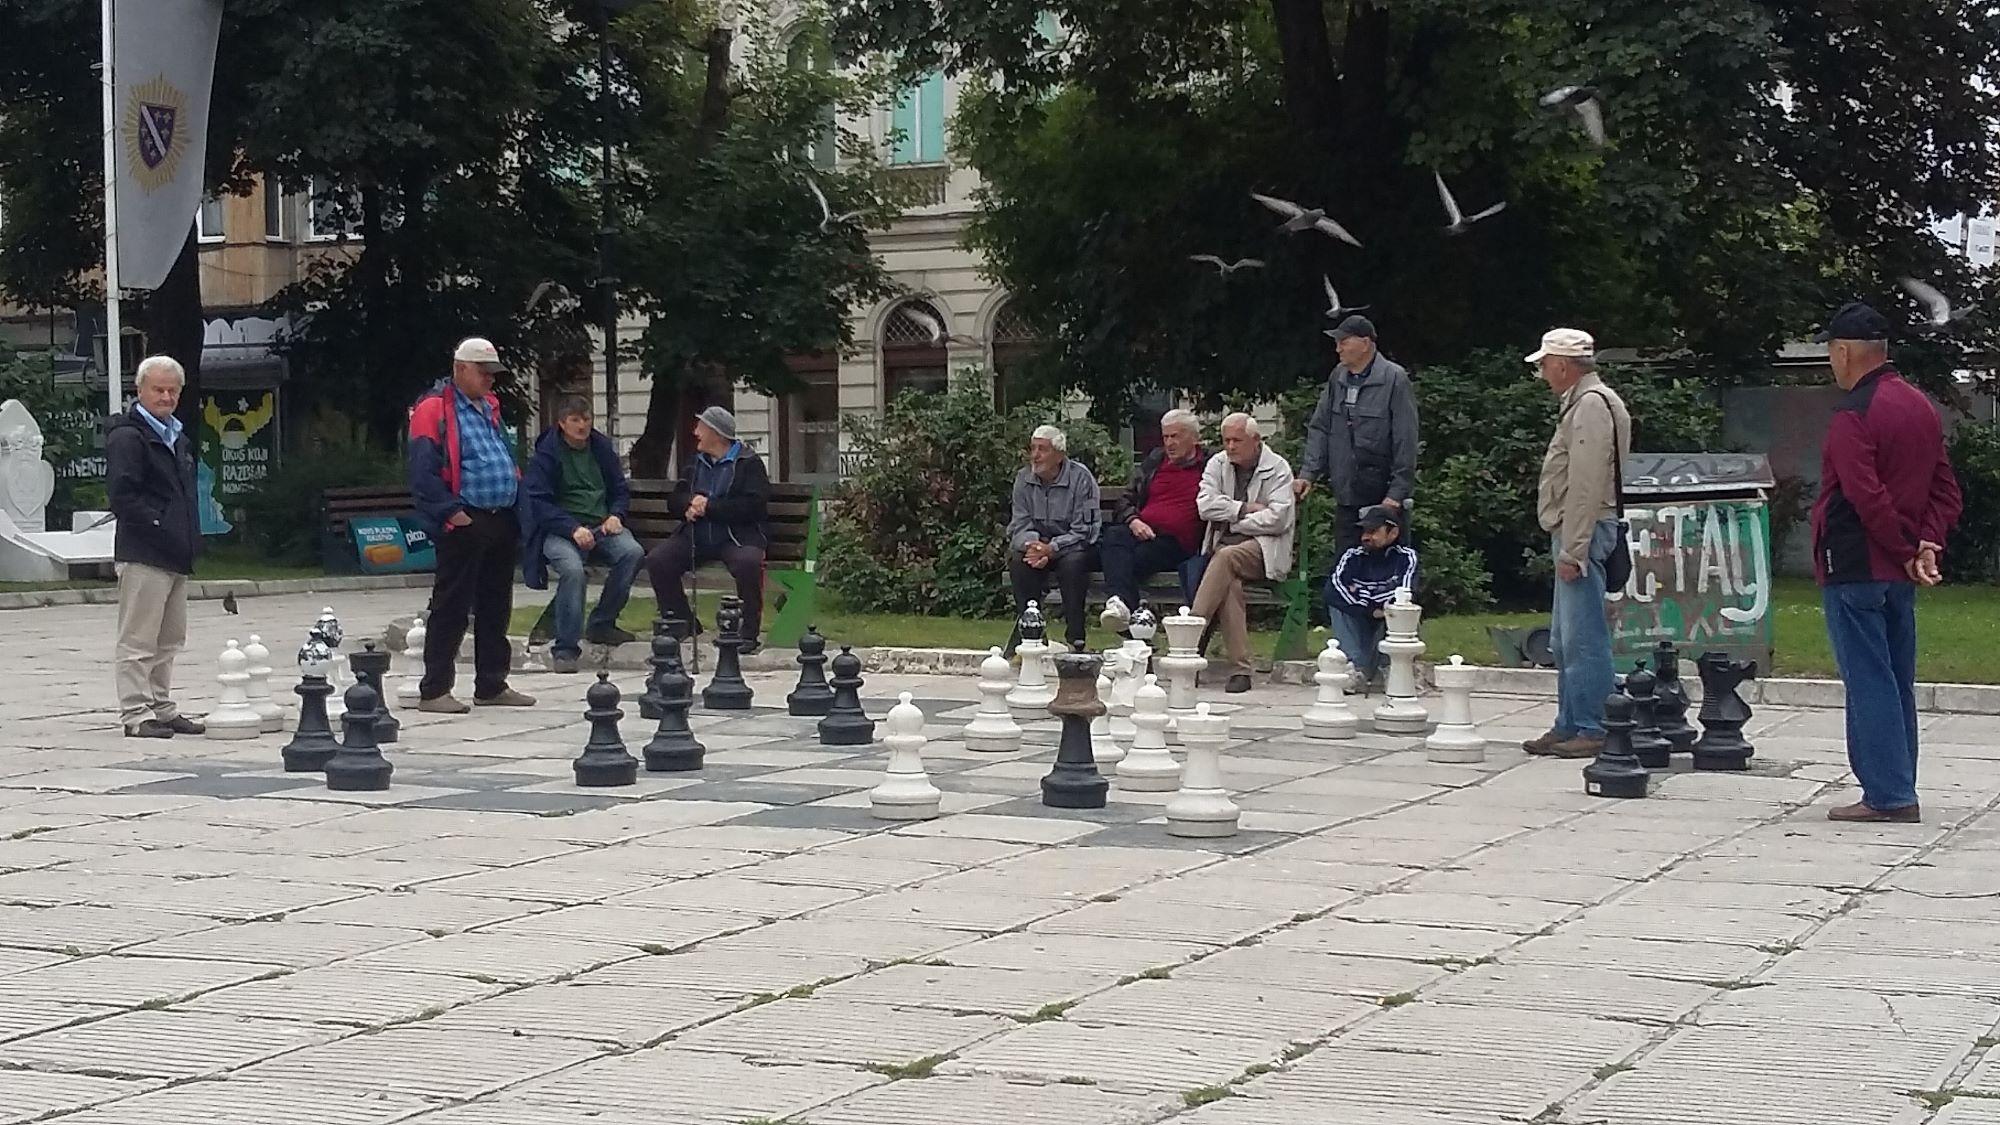 Sarajevo chess players